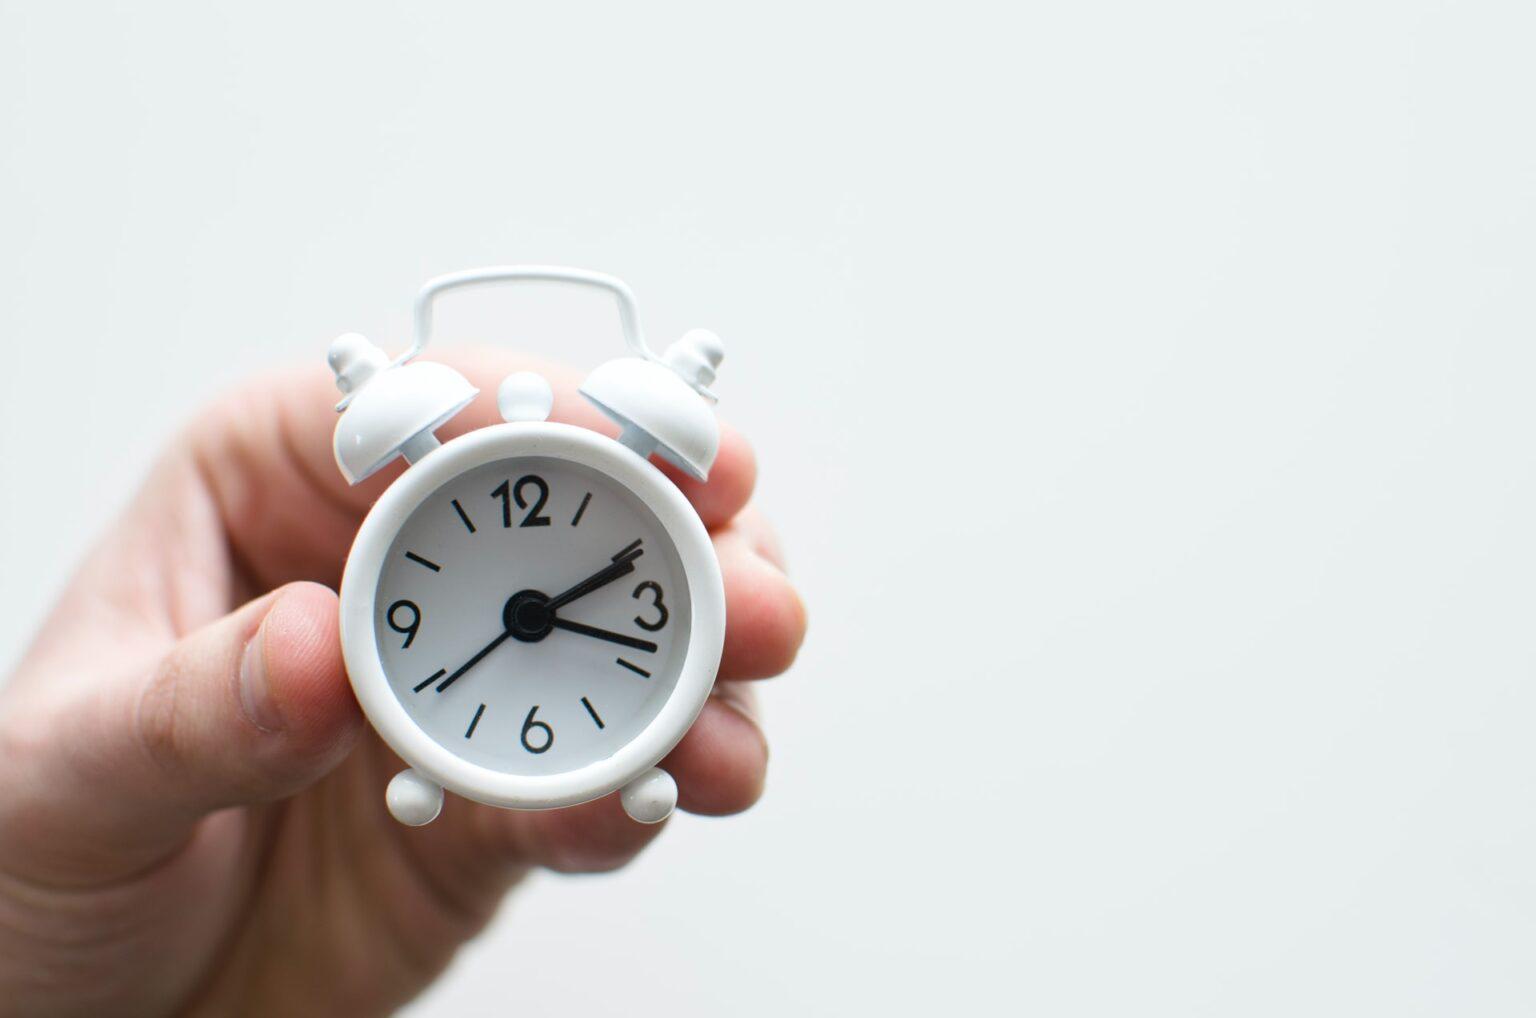 備品管理の始め方。5つのステップ&用意するもの